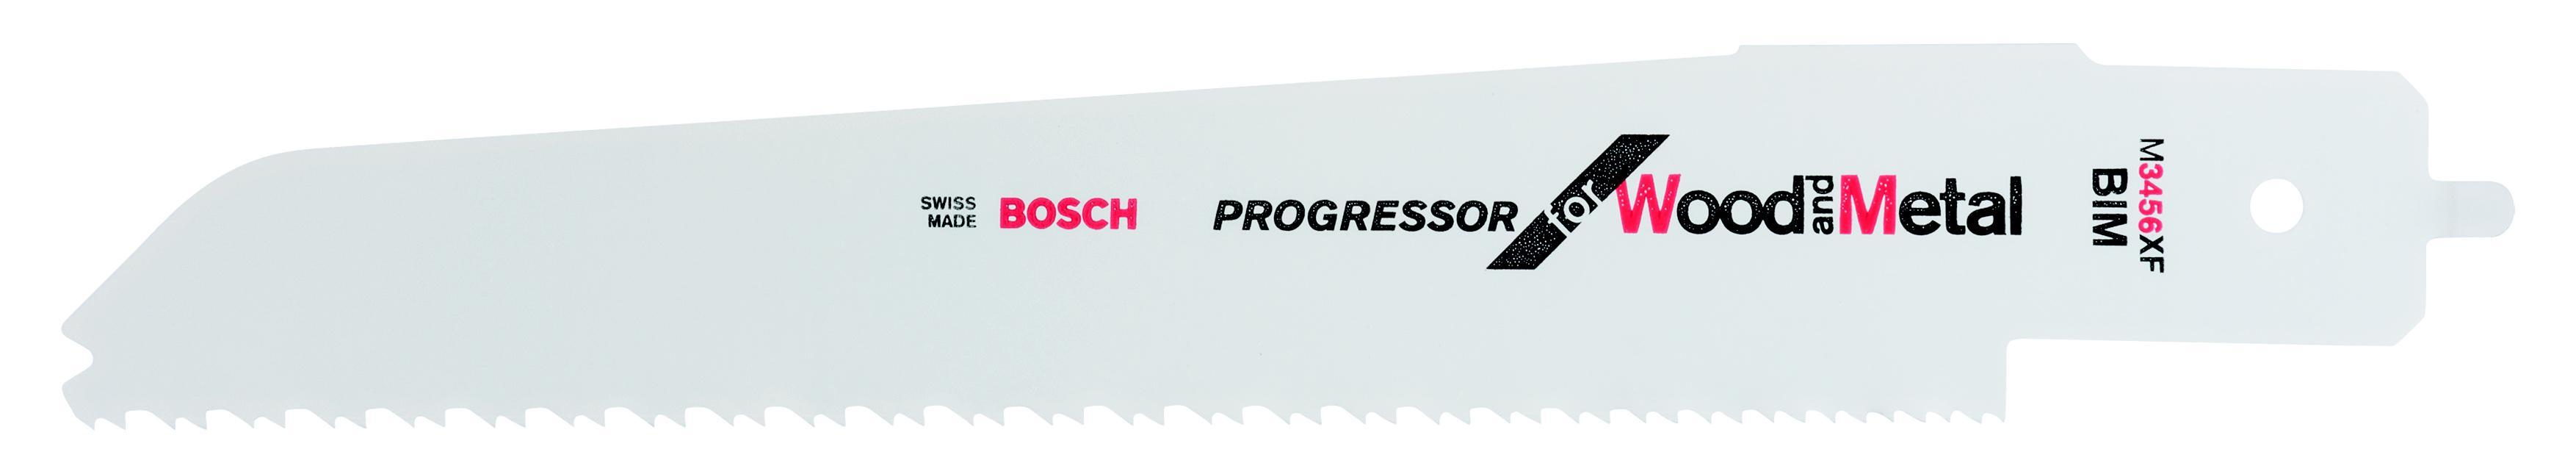 Полотно для сабельной пилы Bosch M 3456 xf (2.608.656.931) кольцо с фианитами из розового золота 83061